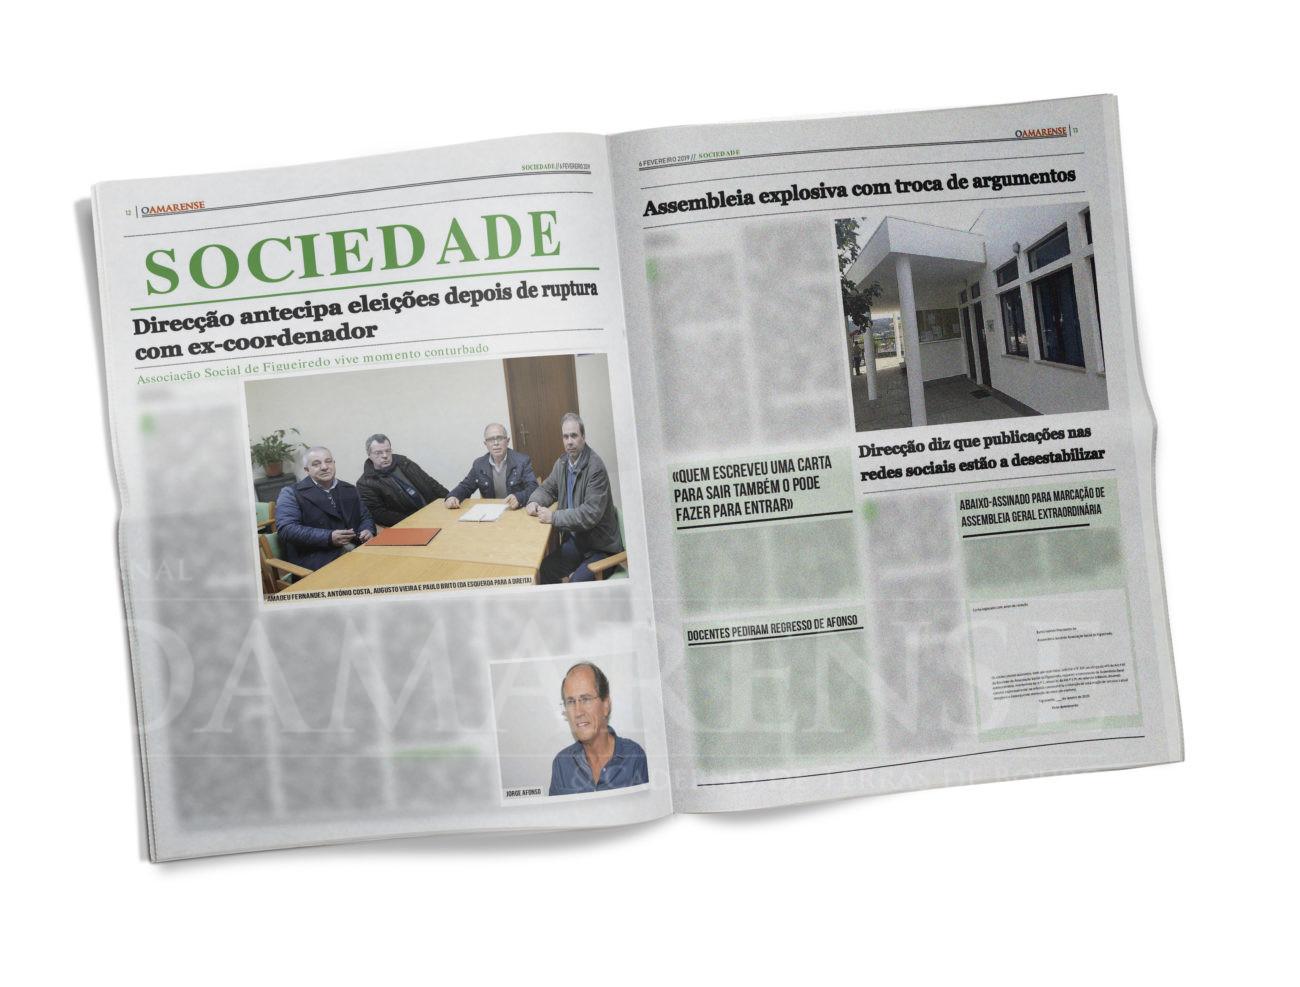 EDIÇÃO IMPRESSA – Associação Social de Figueiredo vive momento conturbado